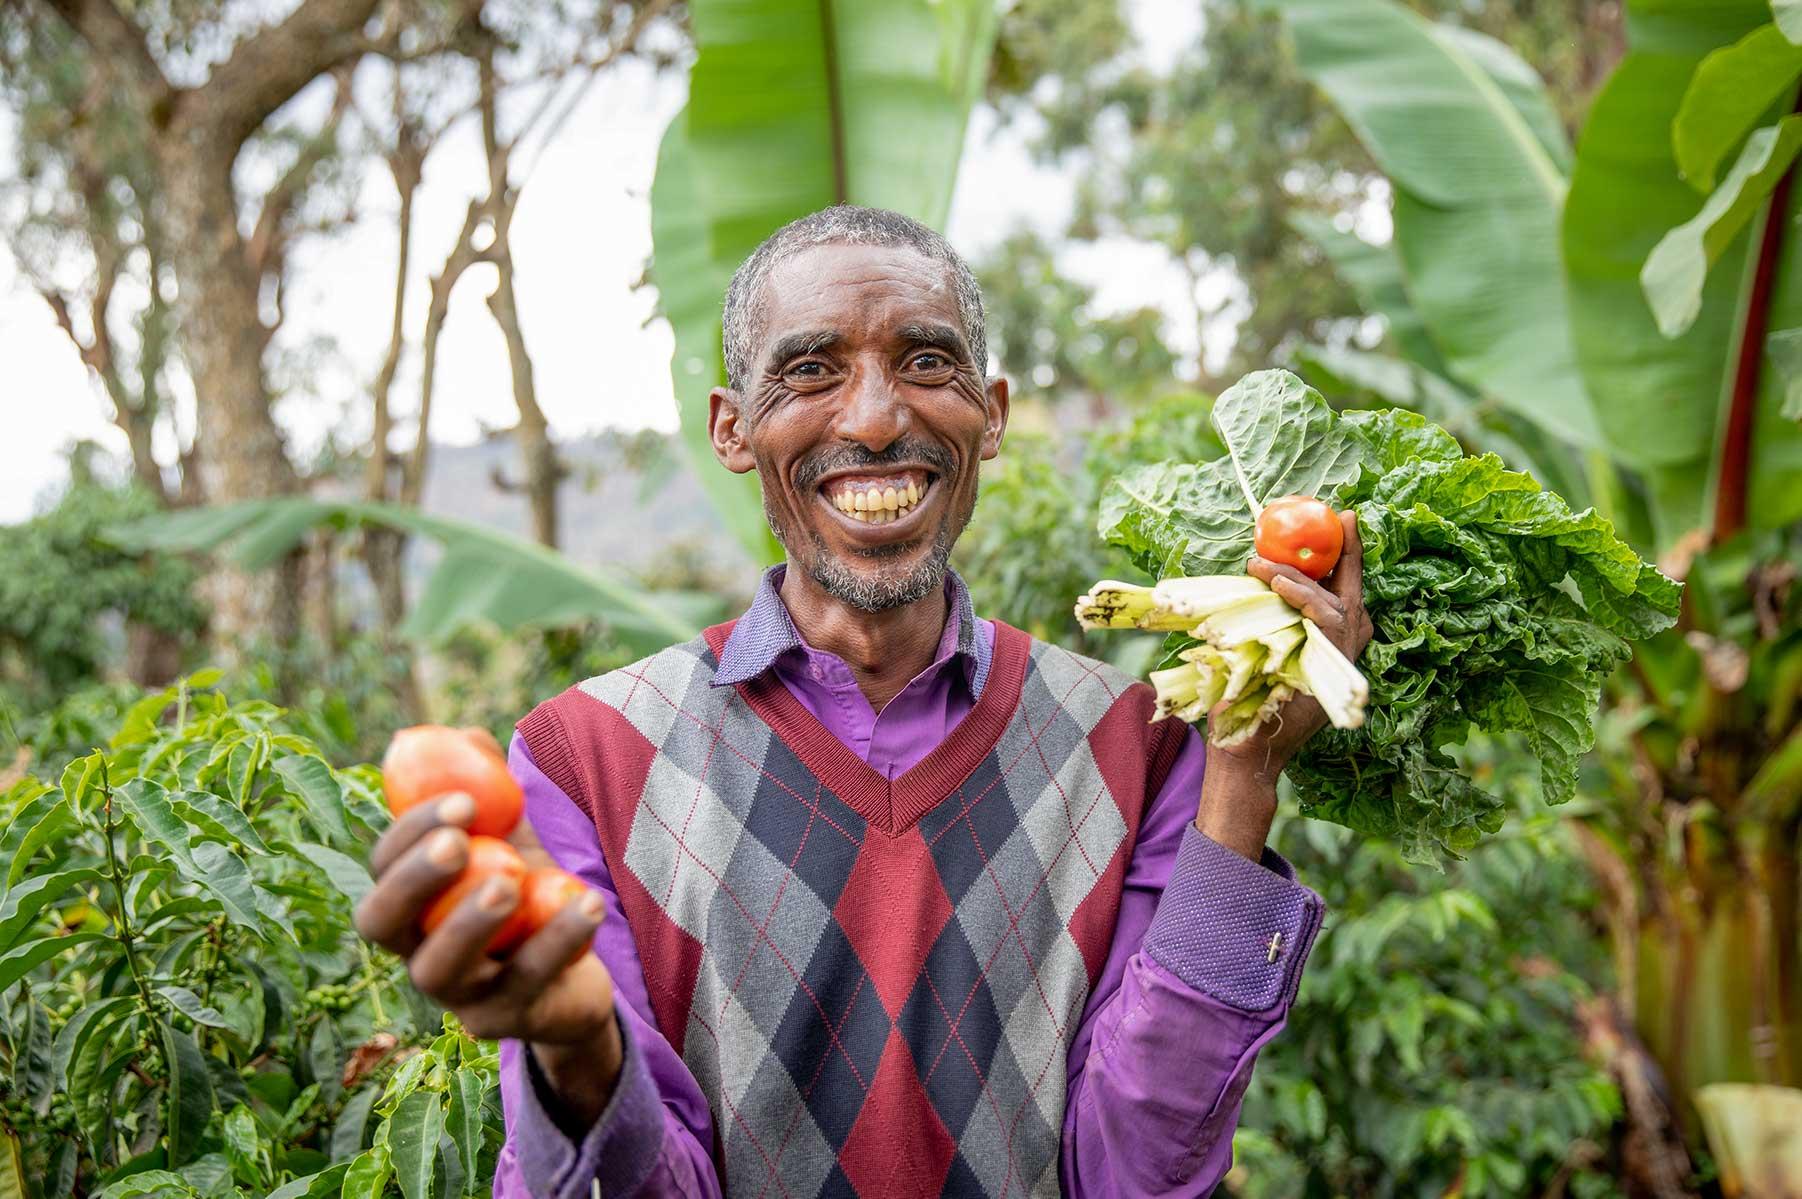 Mann lächelt und hält Gemüse in den Händen